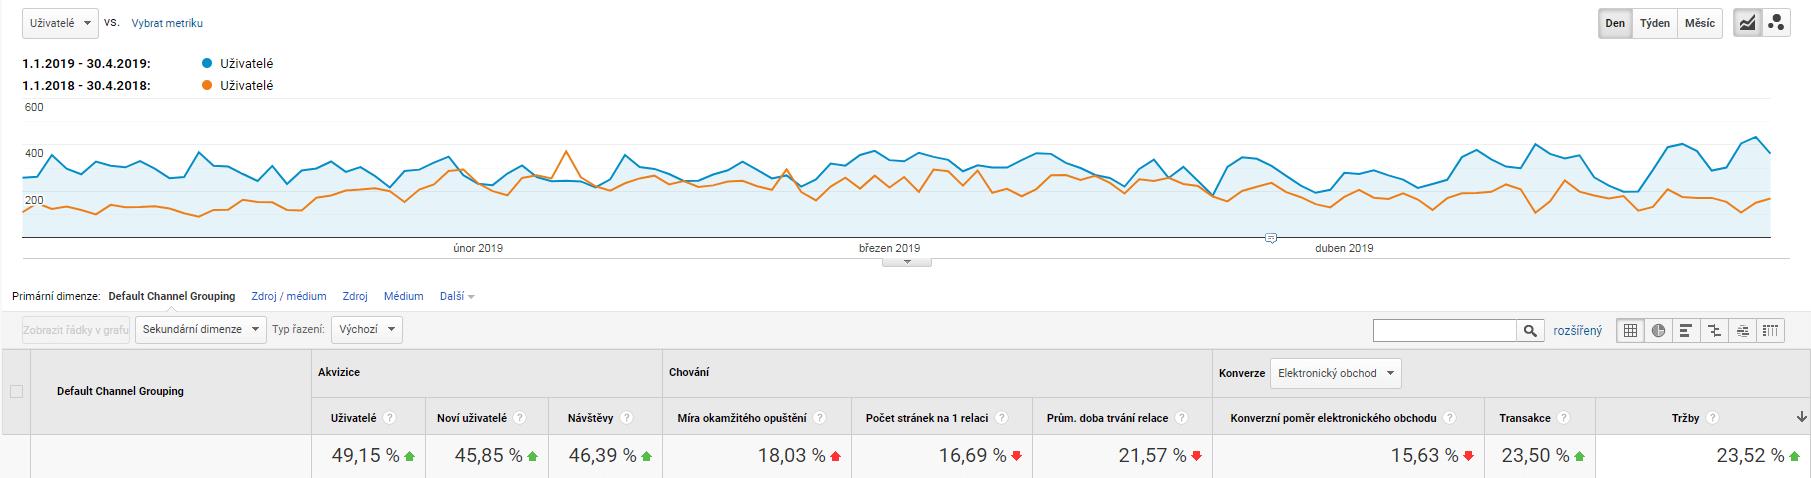 Actifit - Meziroční rozdíl tržeb a trafficu 2019 / 2018